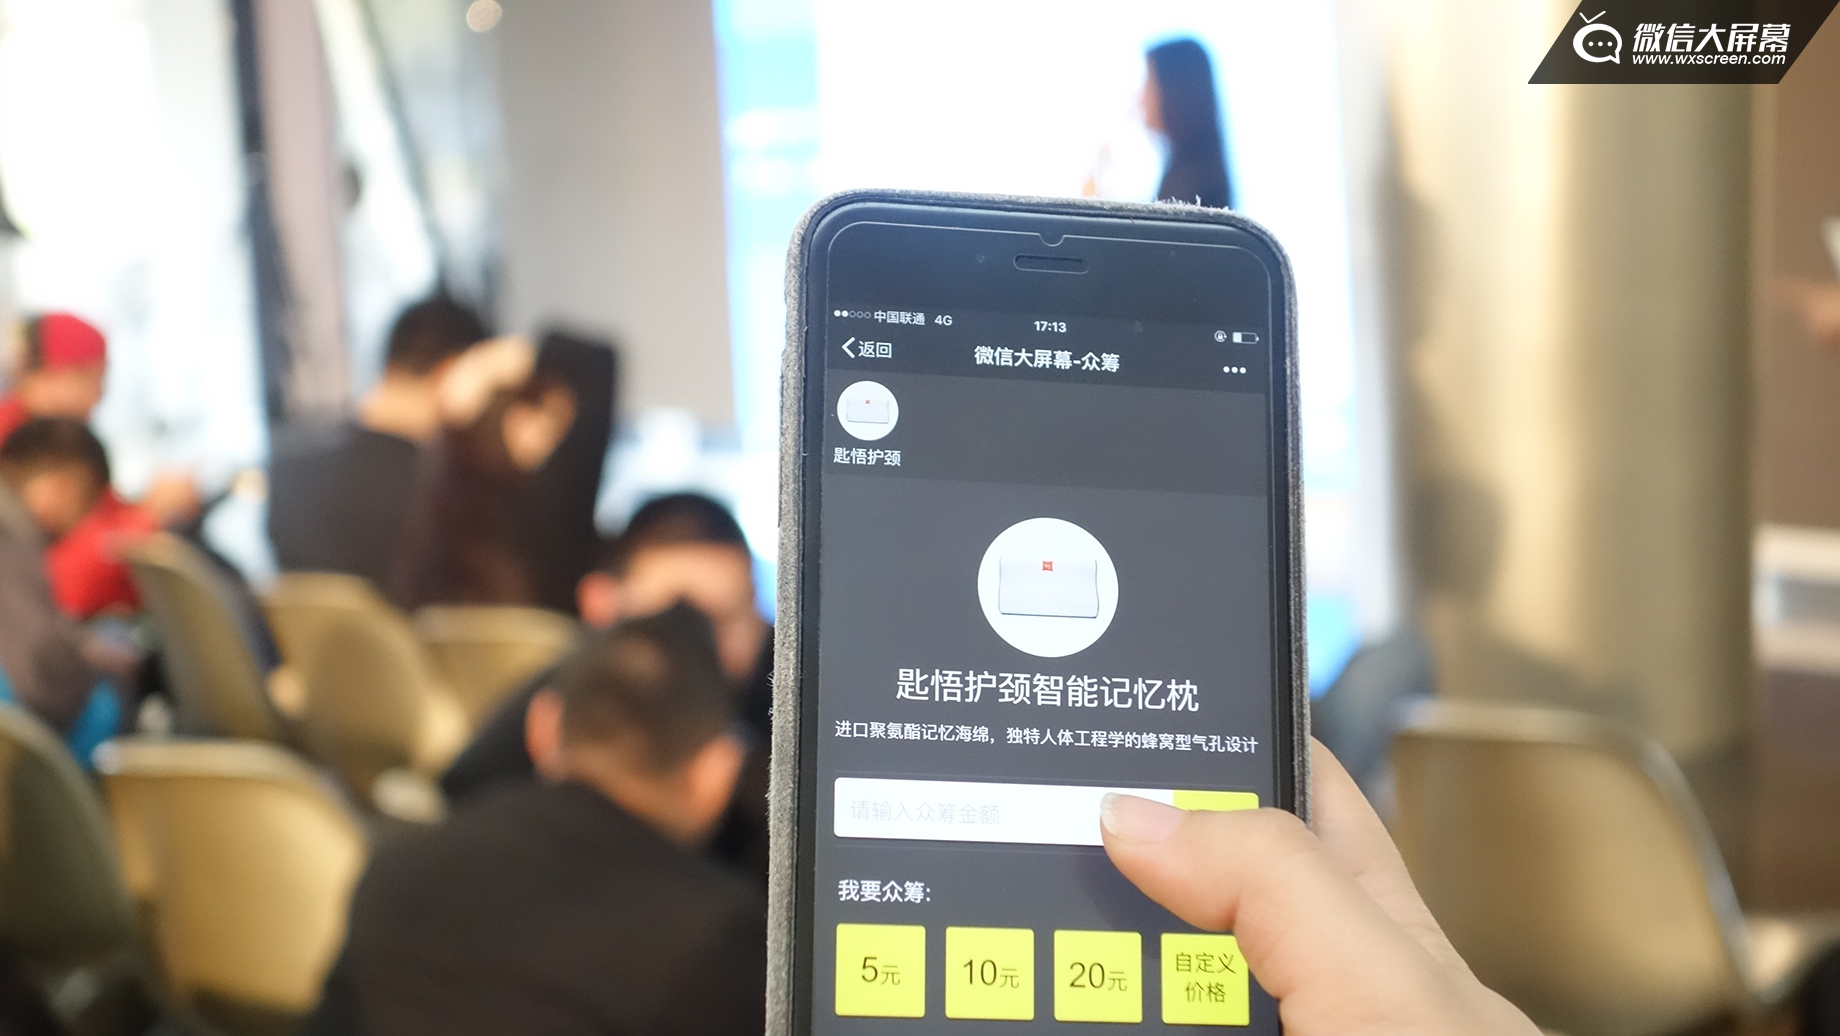 约会未来 趣现场-微信大屏幕与《N+X超级路演》一同见证智能硬件的风口